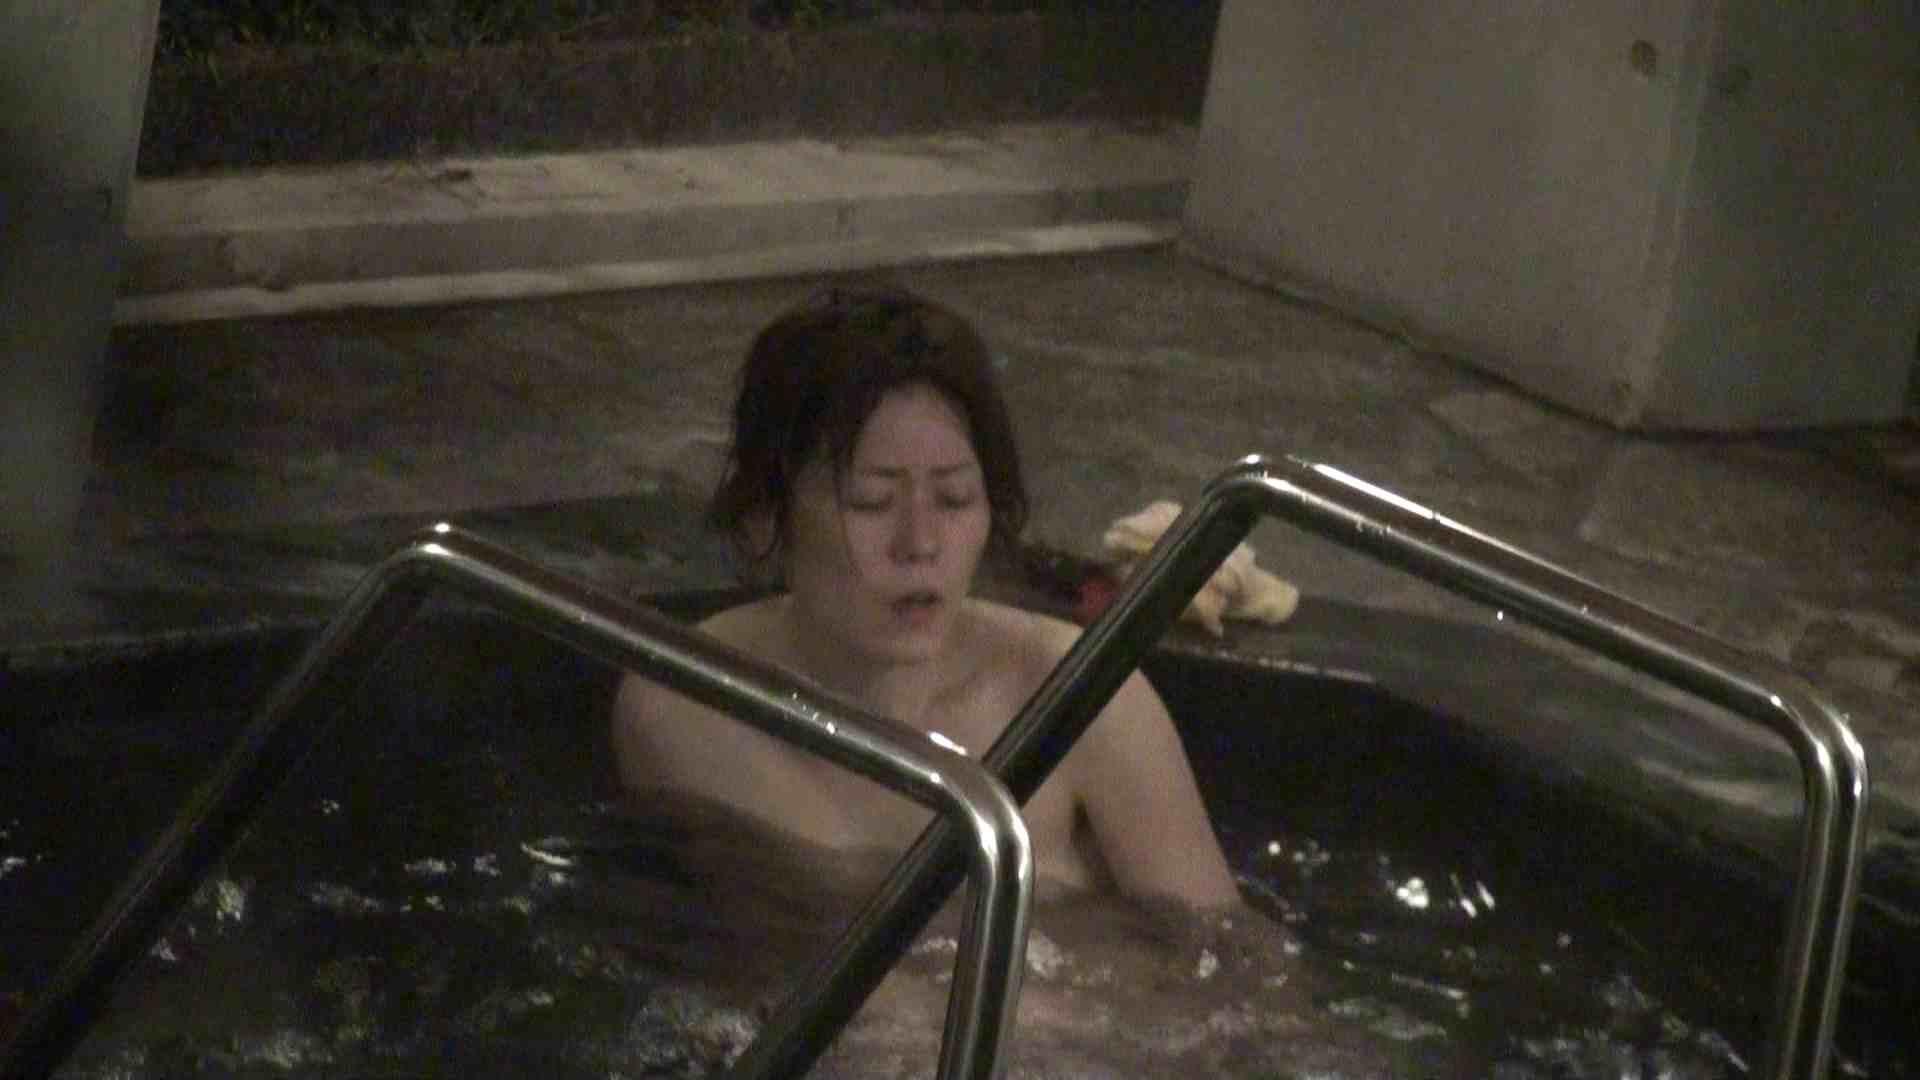 Aquaな露天風呂Vol.433 盗撮 われめAV動画紹介 67連発 59